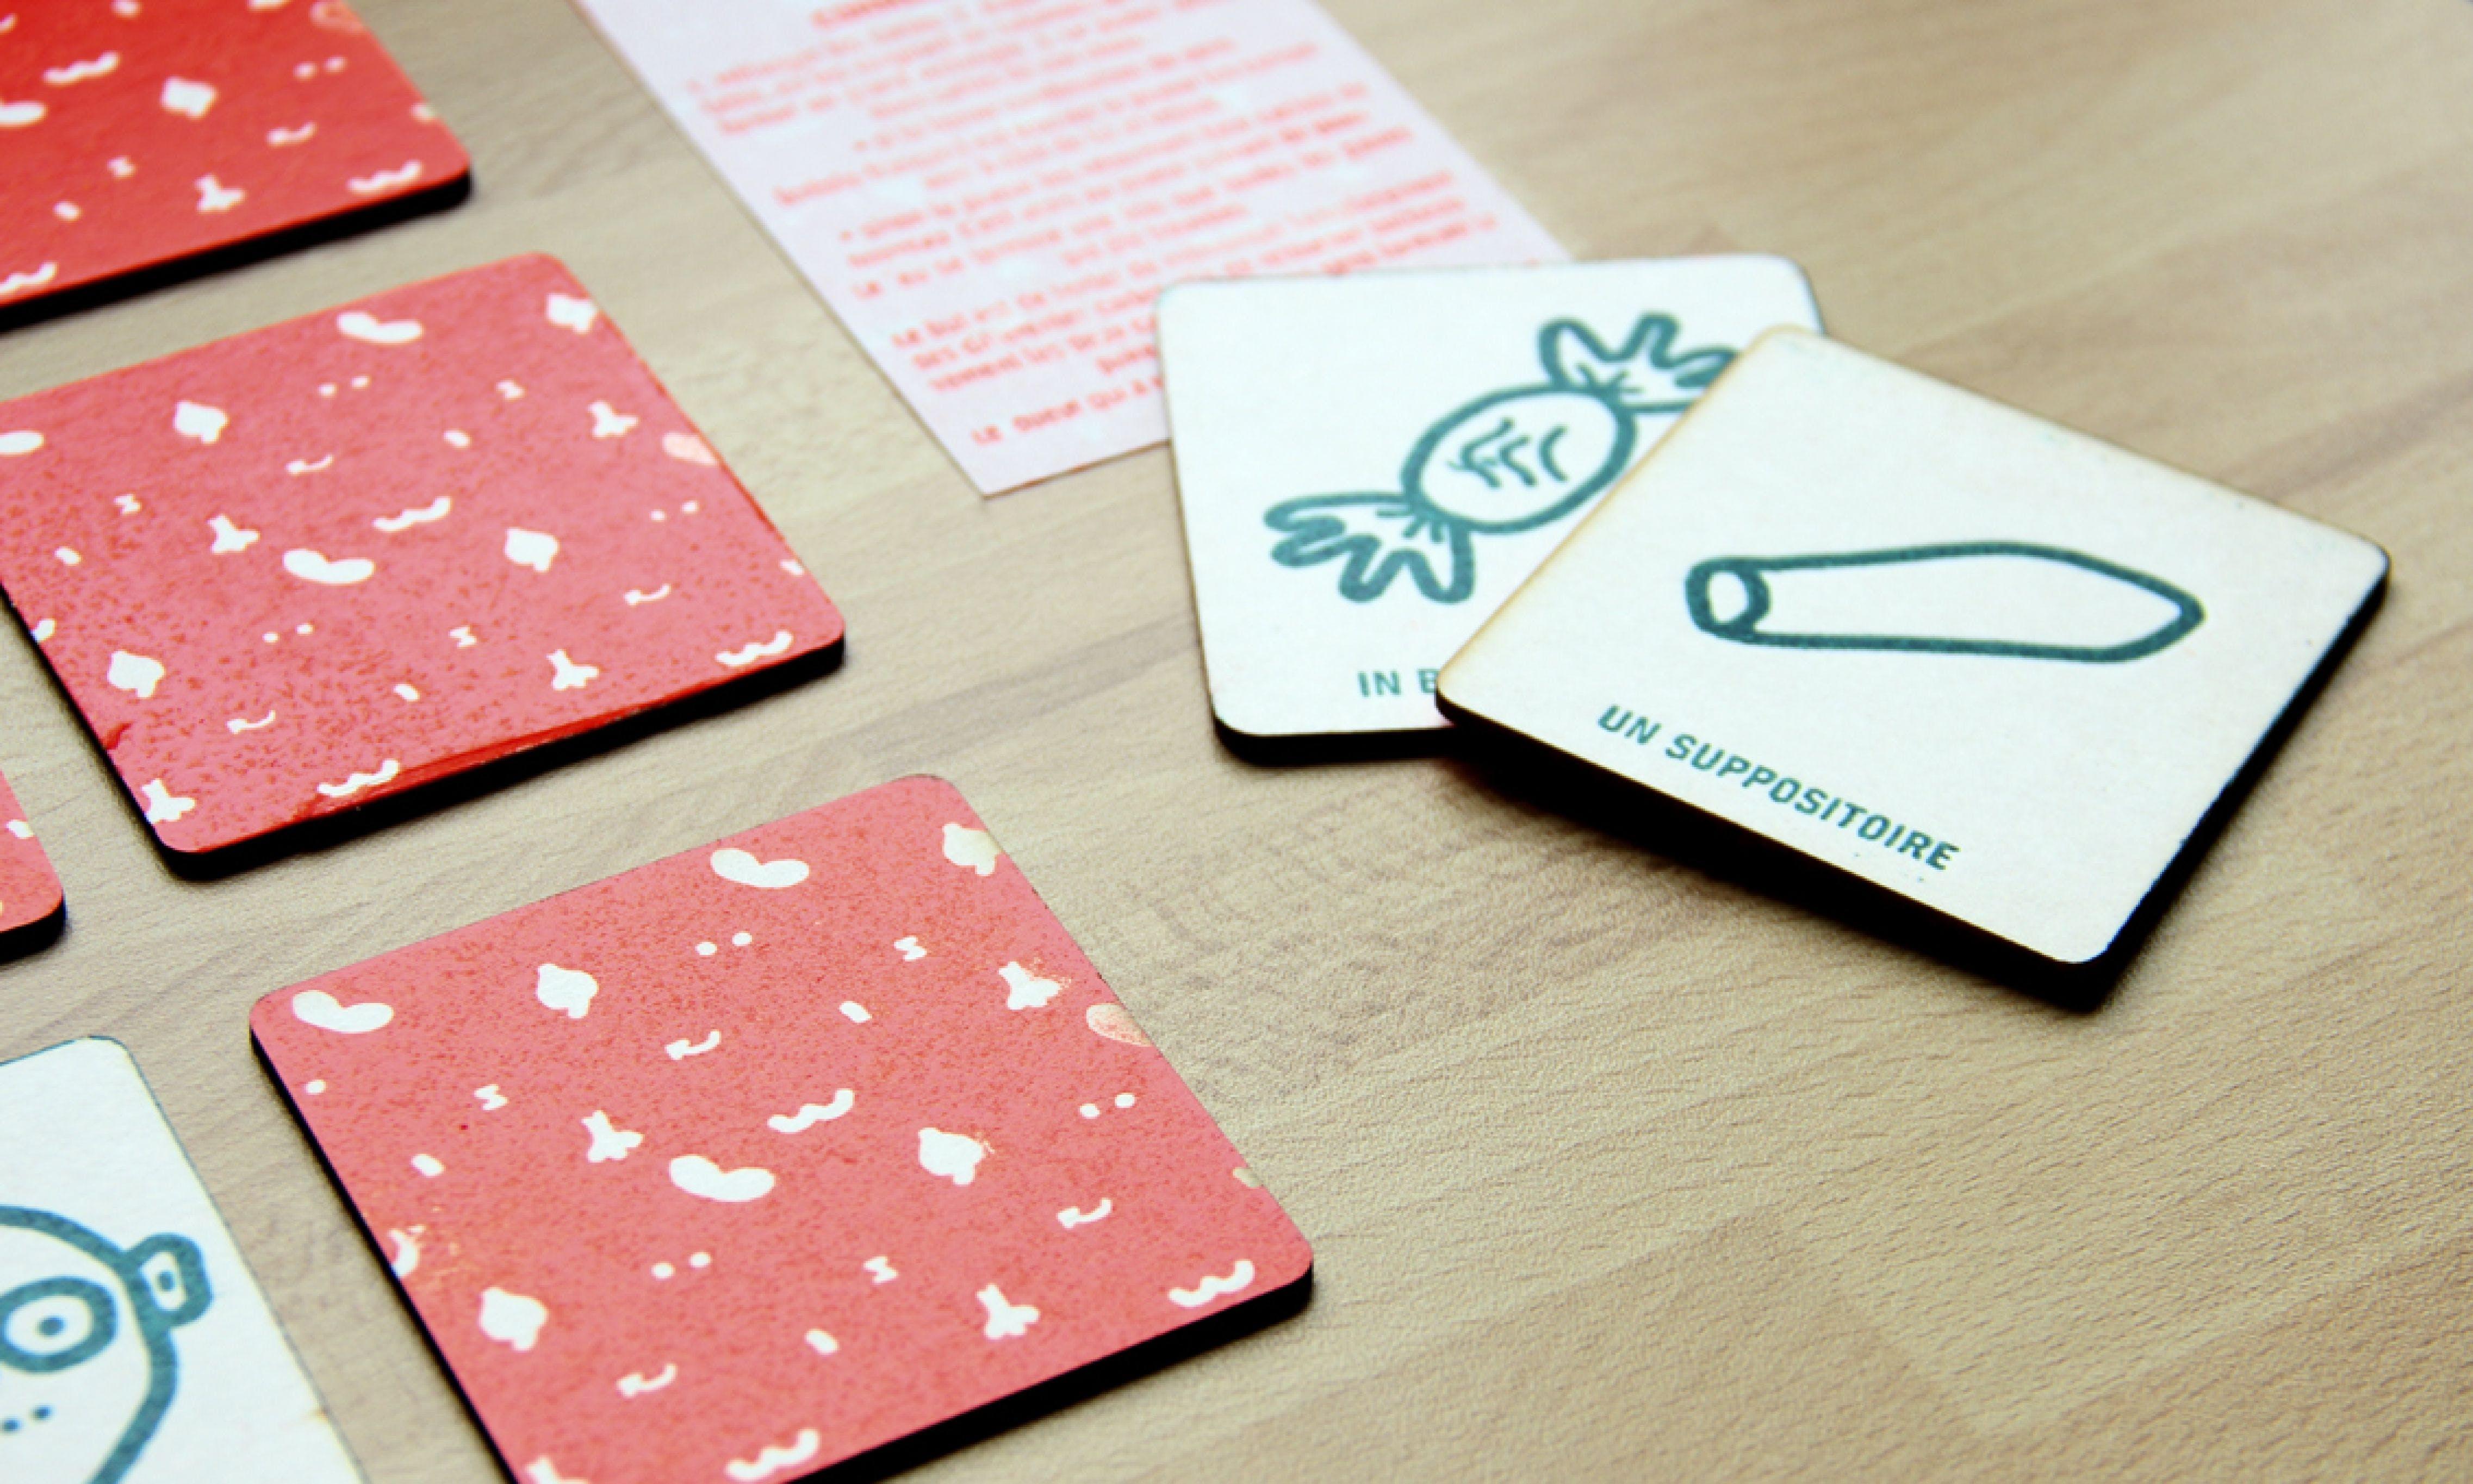 printed cards on floor